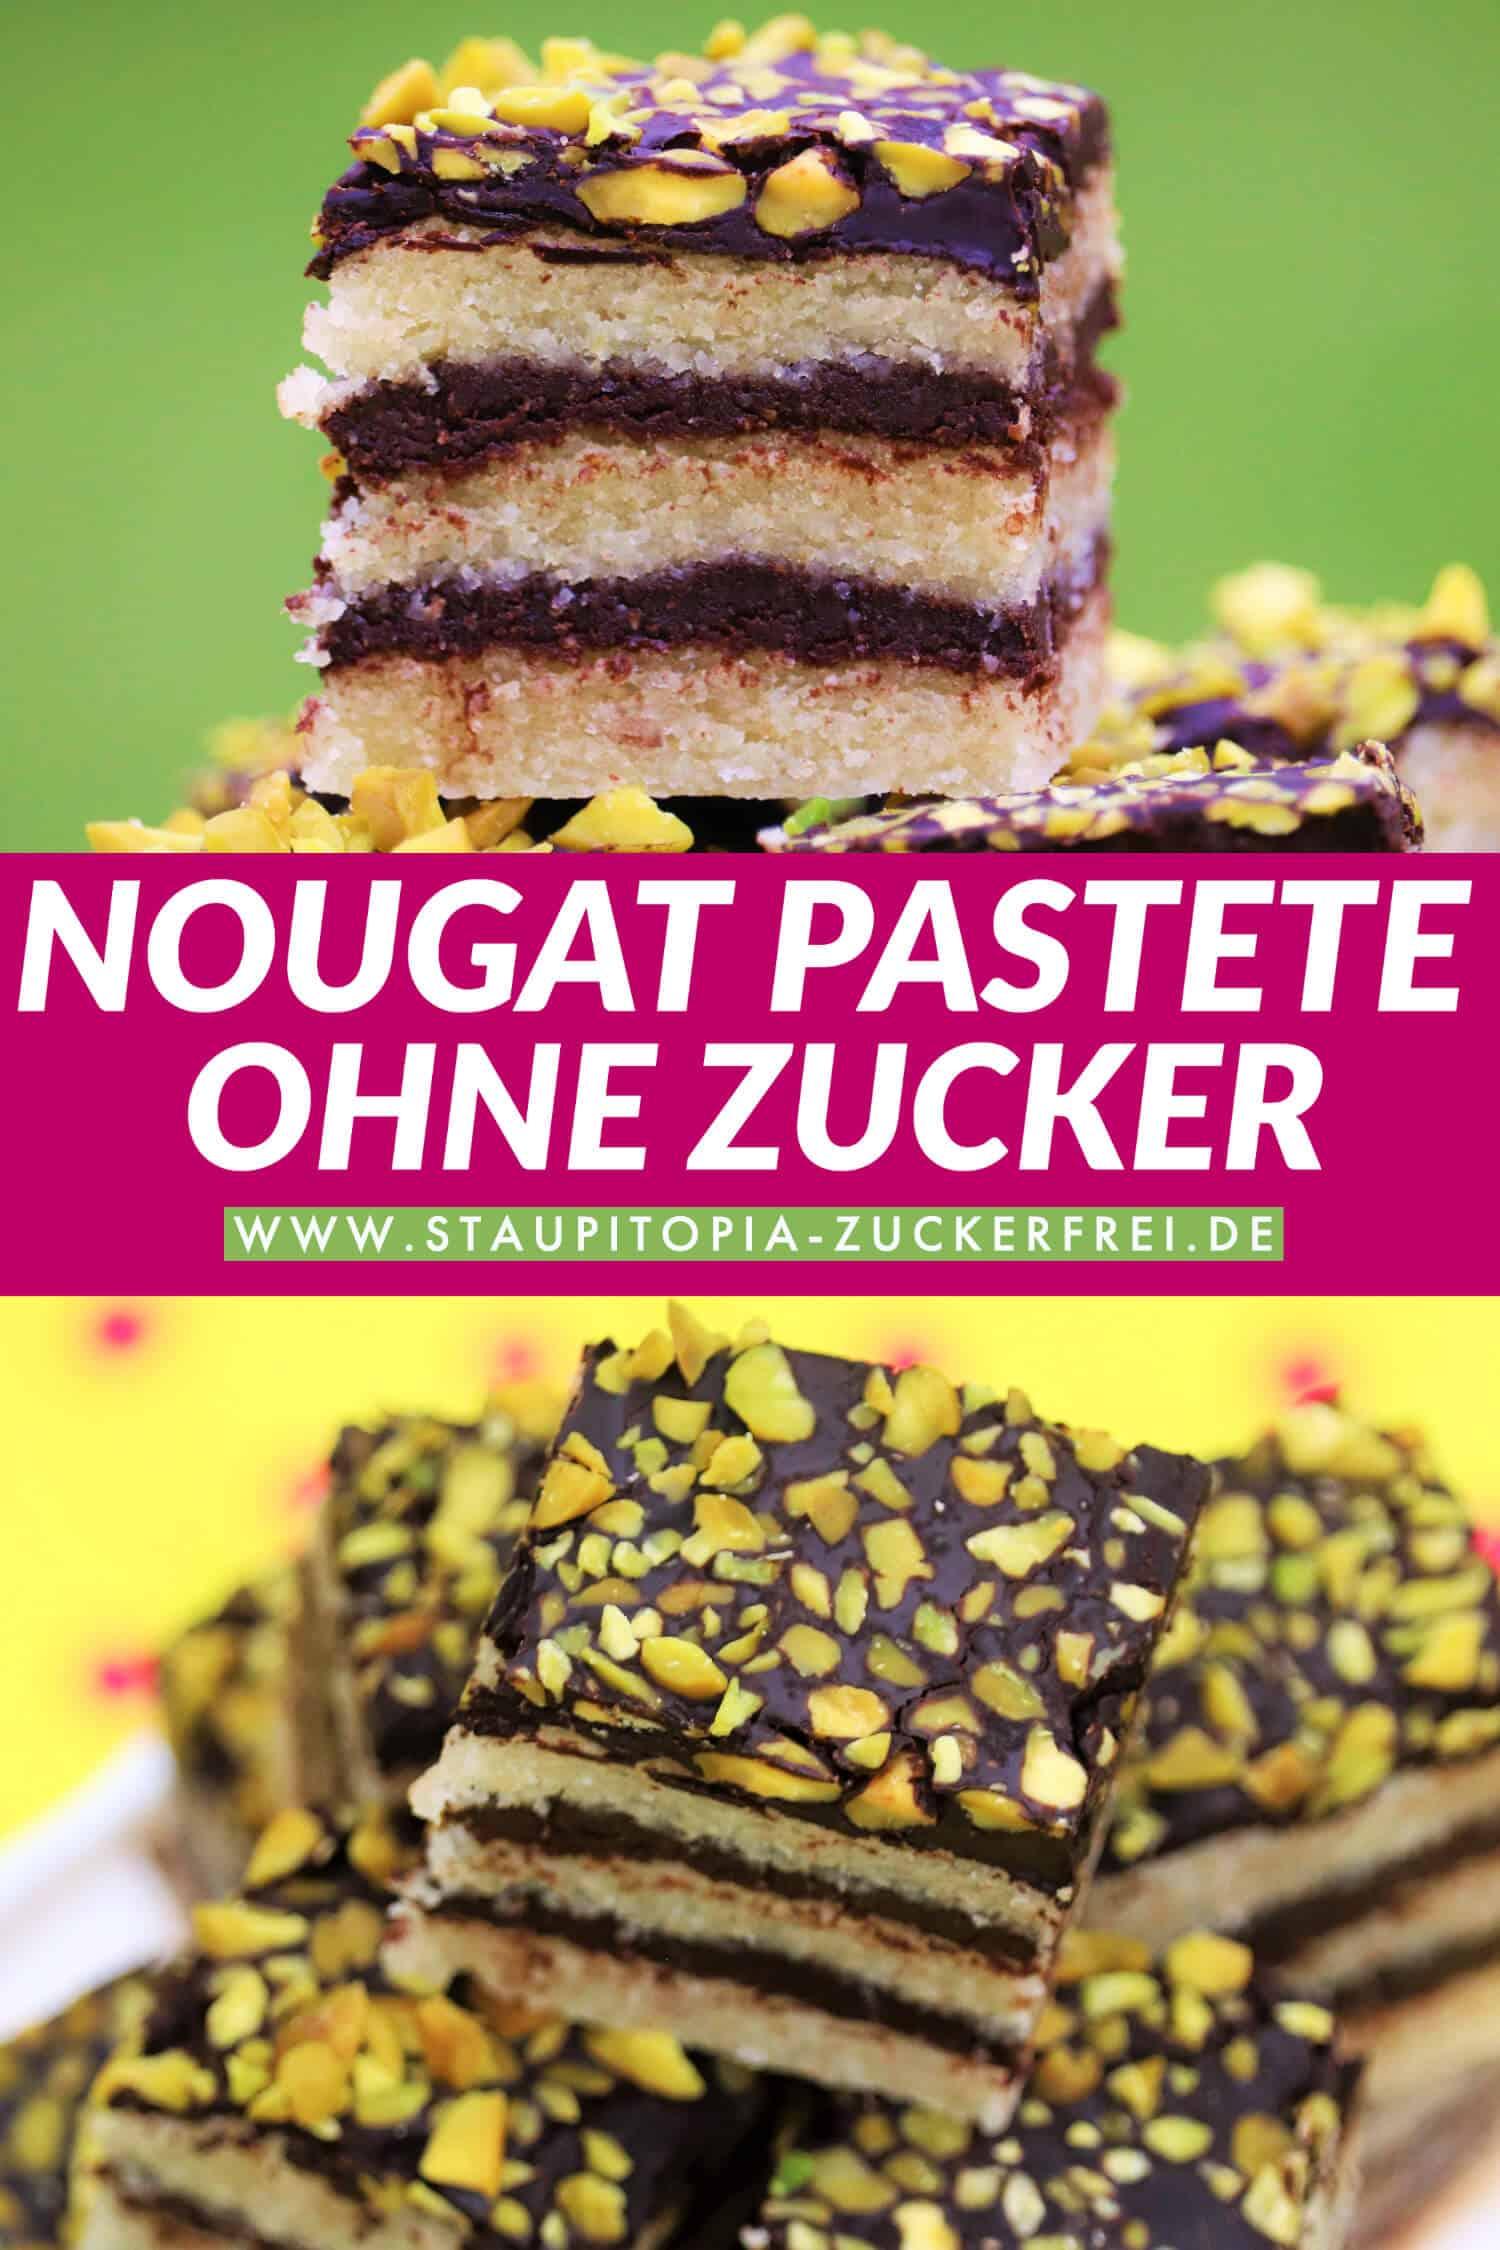 Nougat Pastete ohne Zucker selber machen